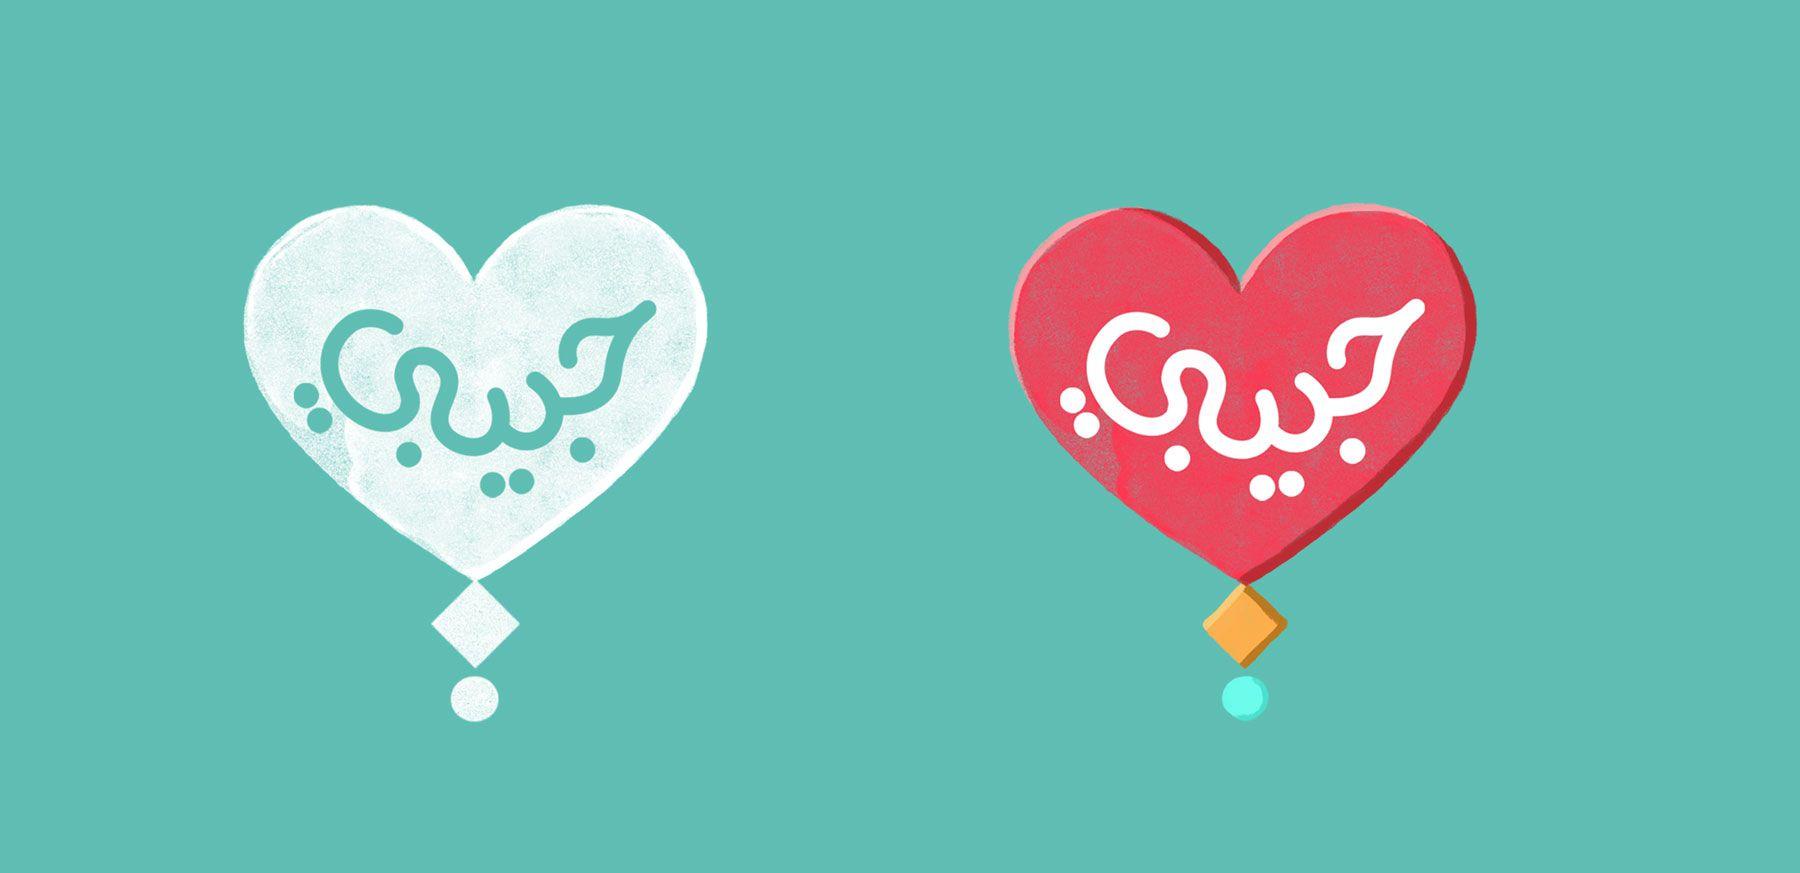 Facebook stickers design Arab world